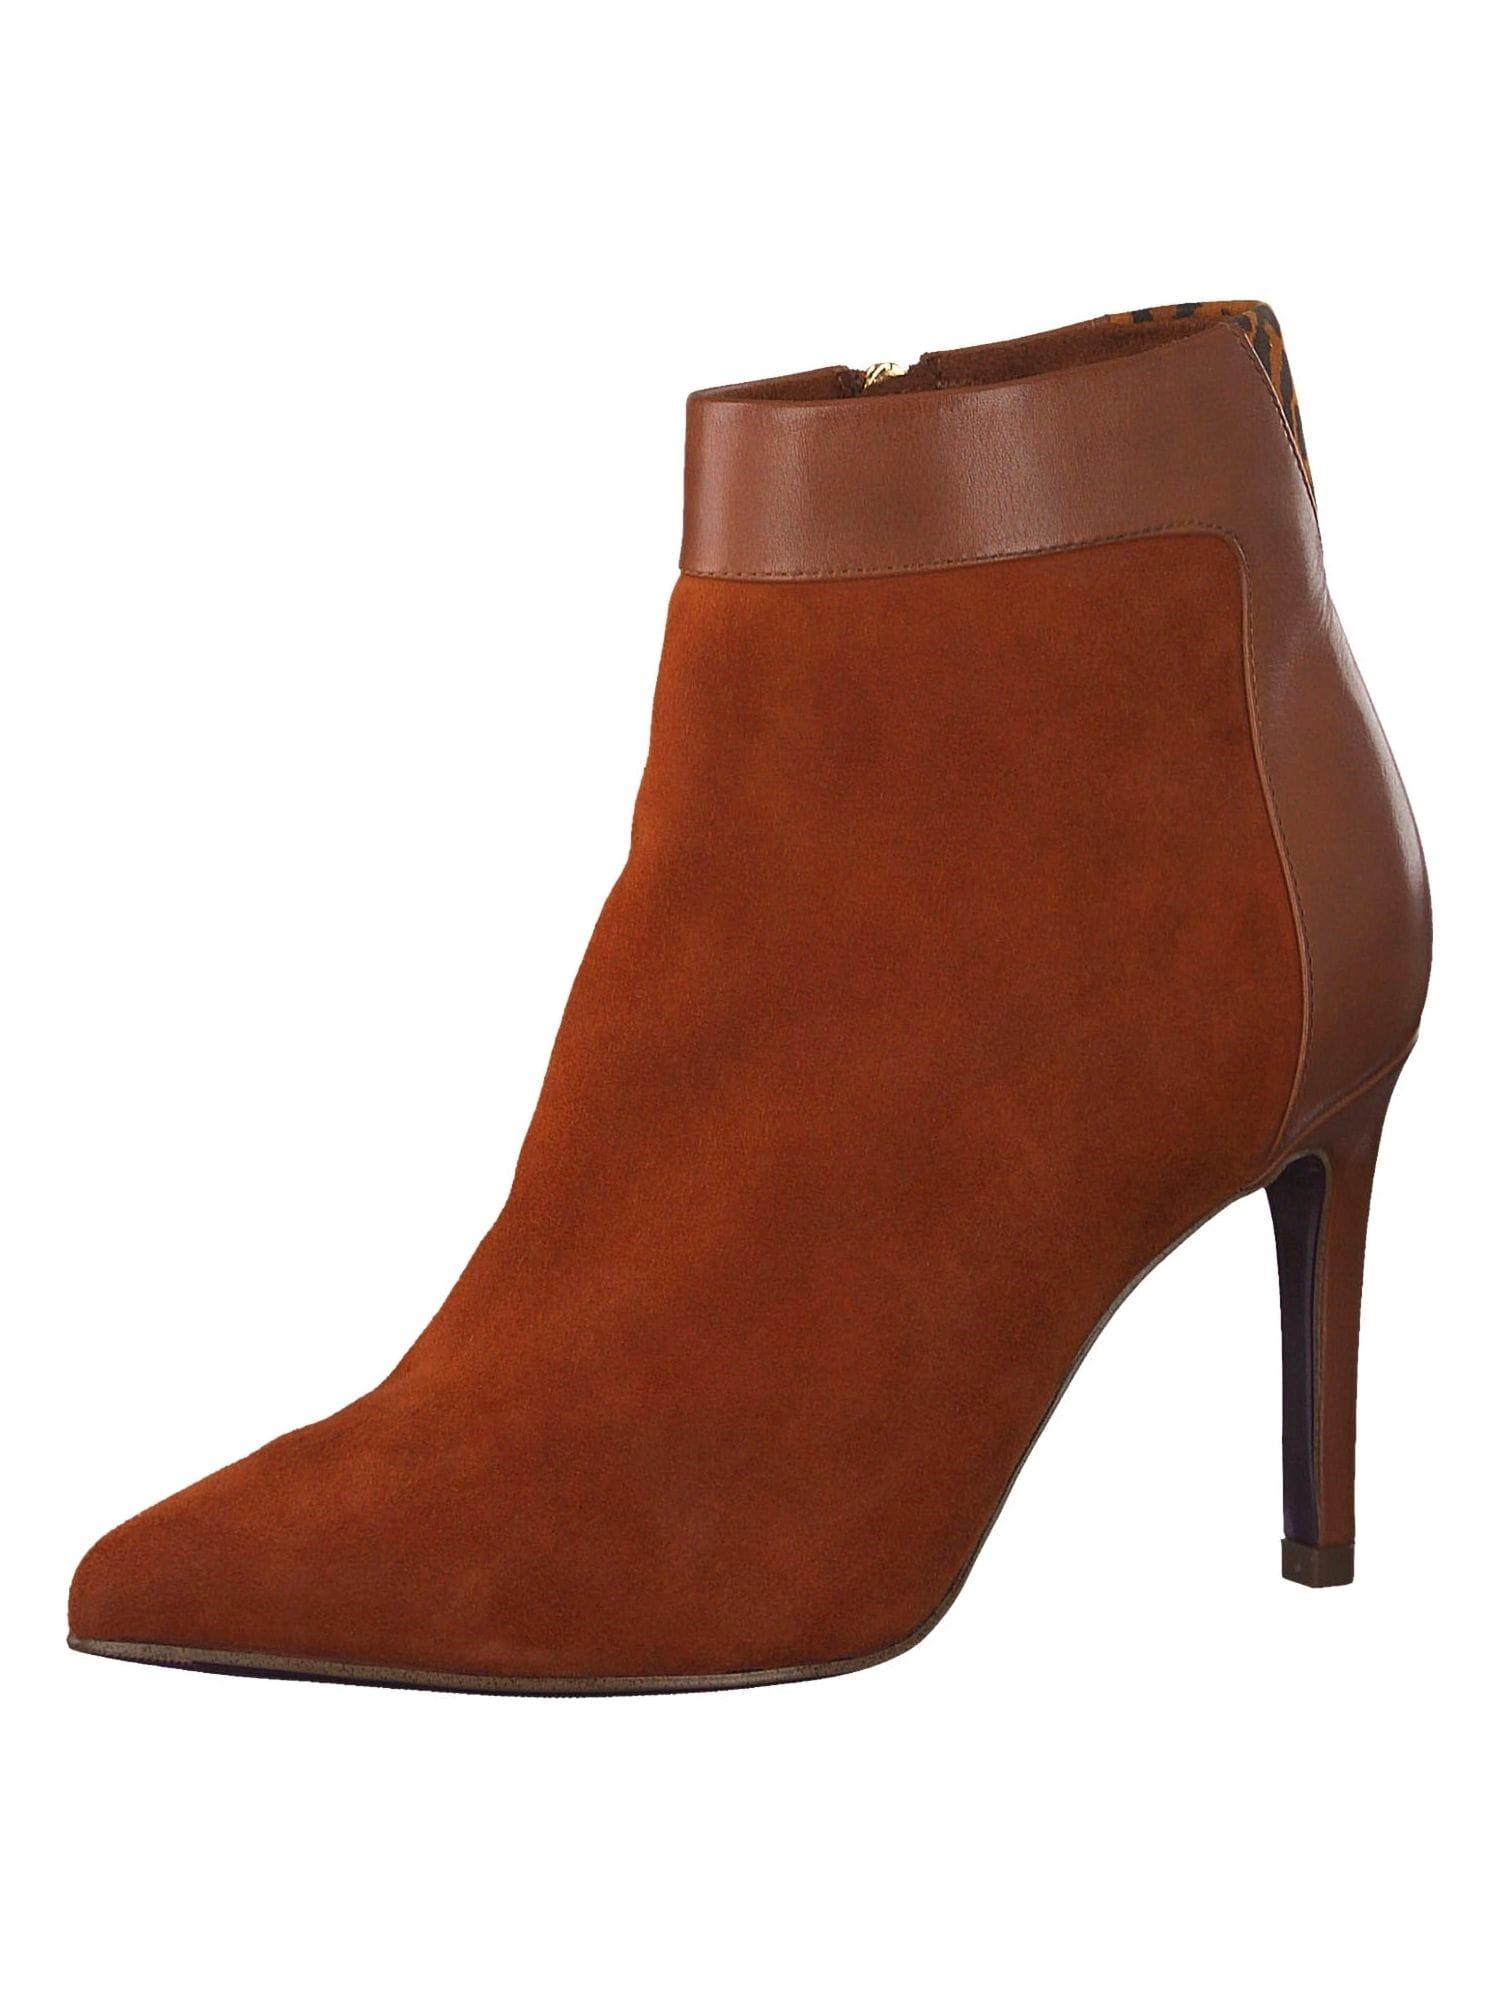 Stiefelette | Schuhe > Stiefeletten | tamaris